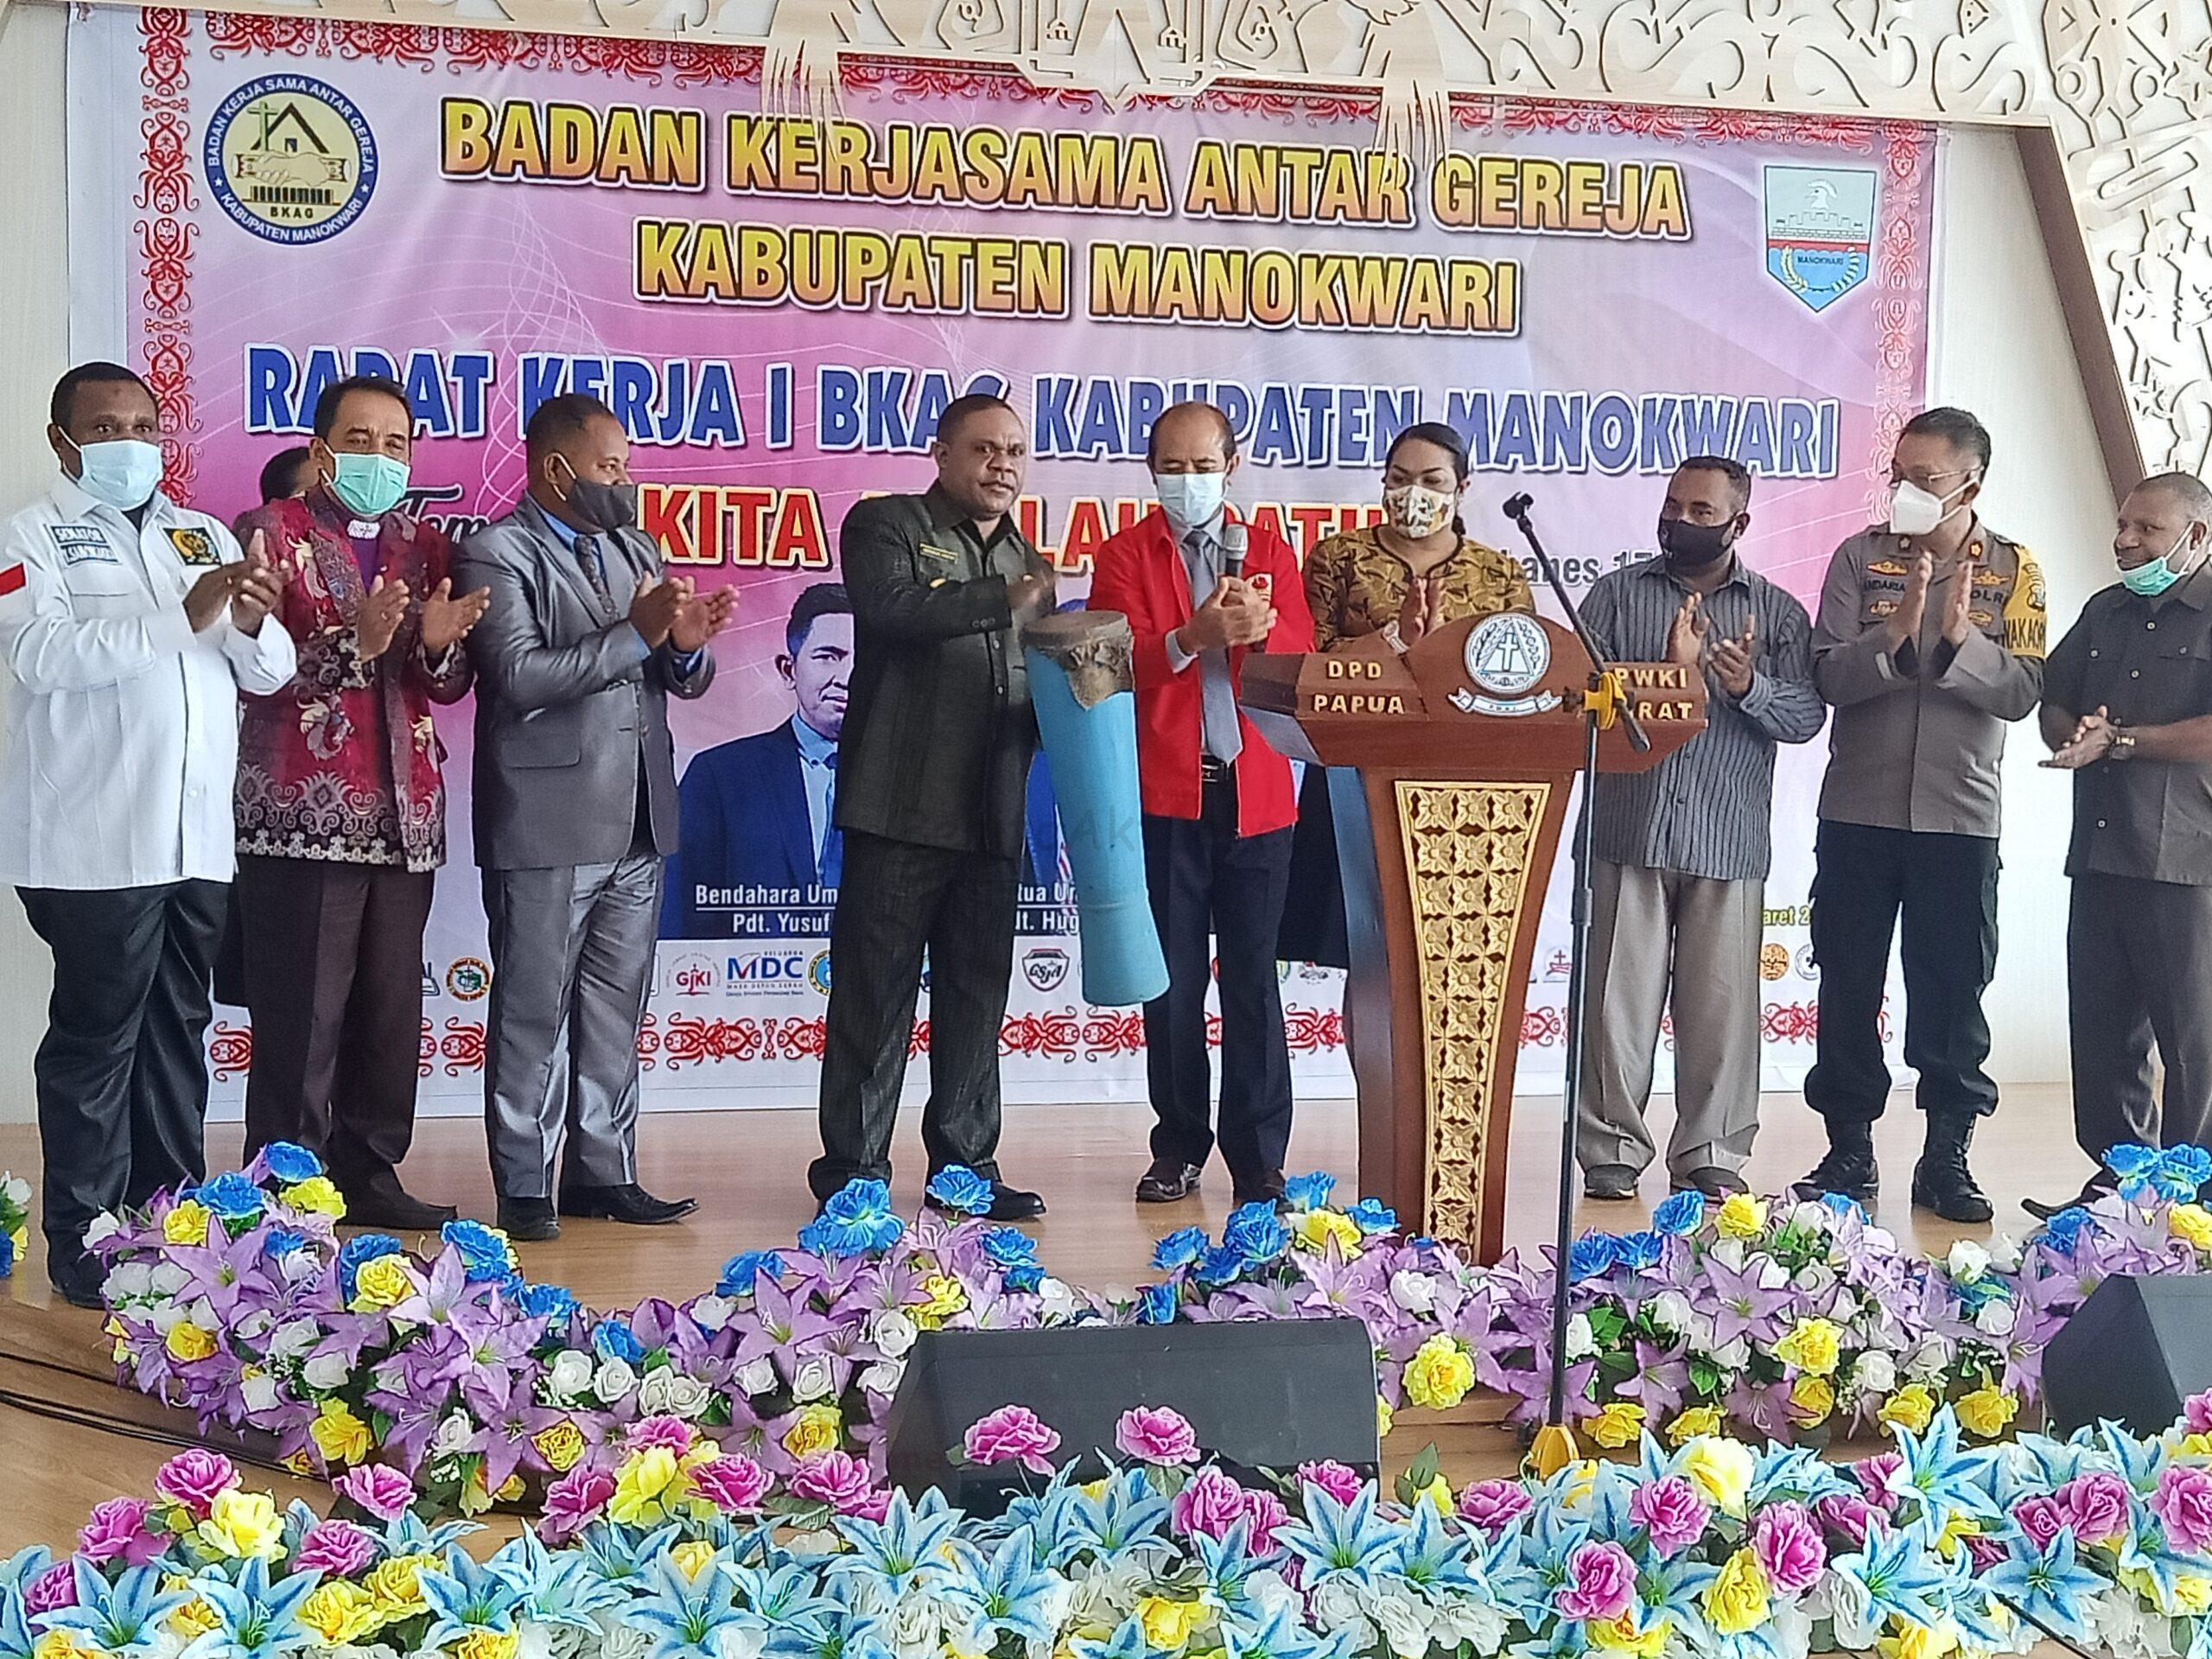 Bupati Manokwari Rapat Kerja BKAG Satukan Persepsi dan Optimalkan Program Kerja Untuk Jemaat 1 IMG20210305102729 scaled